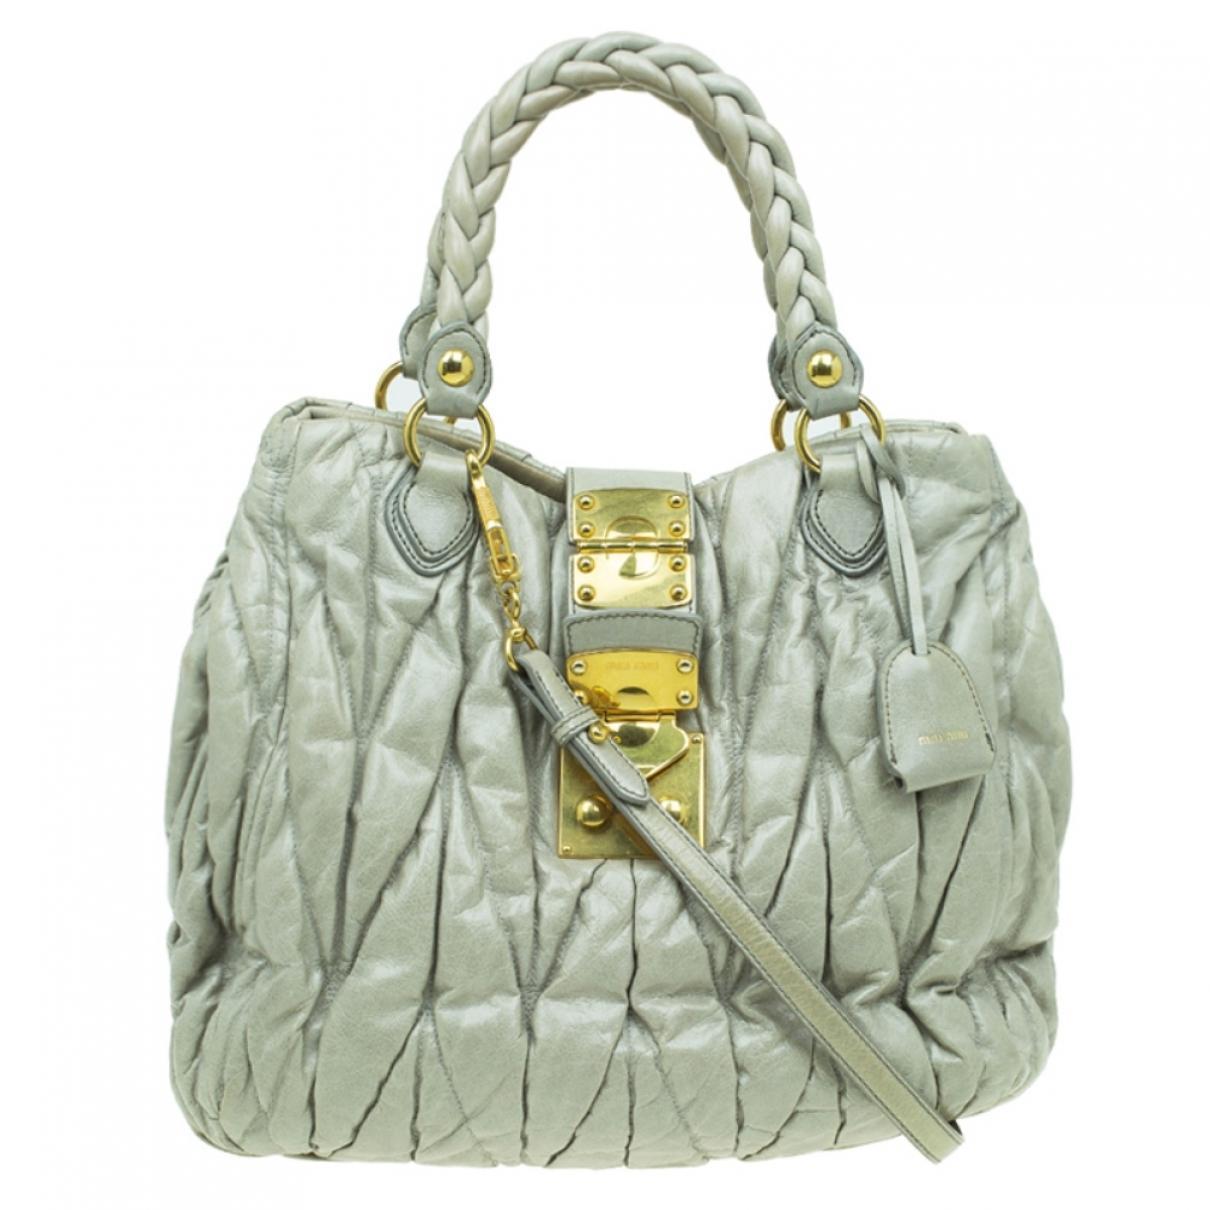 Lyst - Miu Miu Matelassé Green Leather Handbag in Green 72a409c29b47d